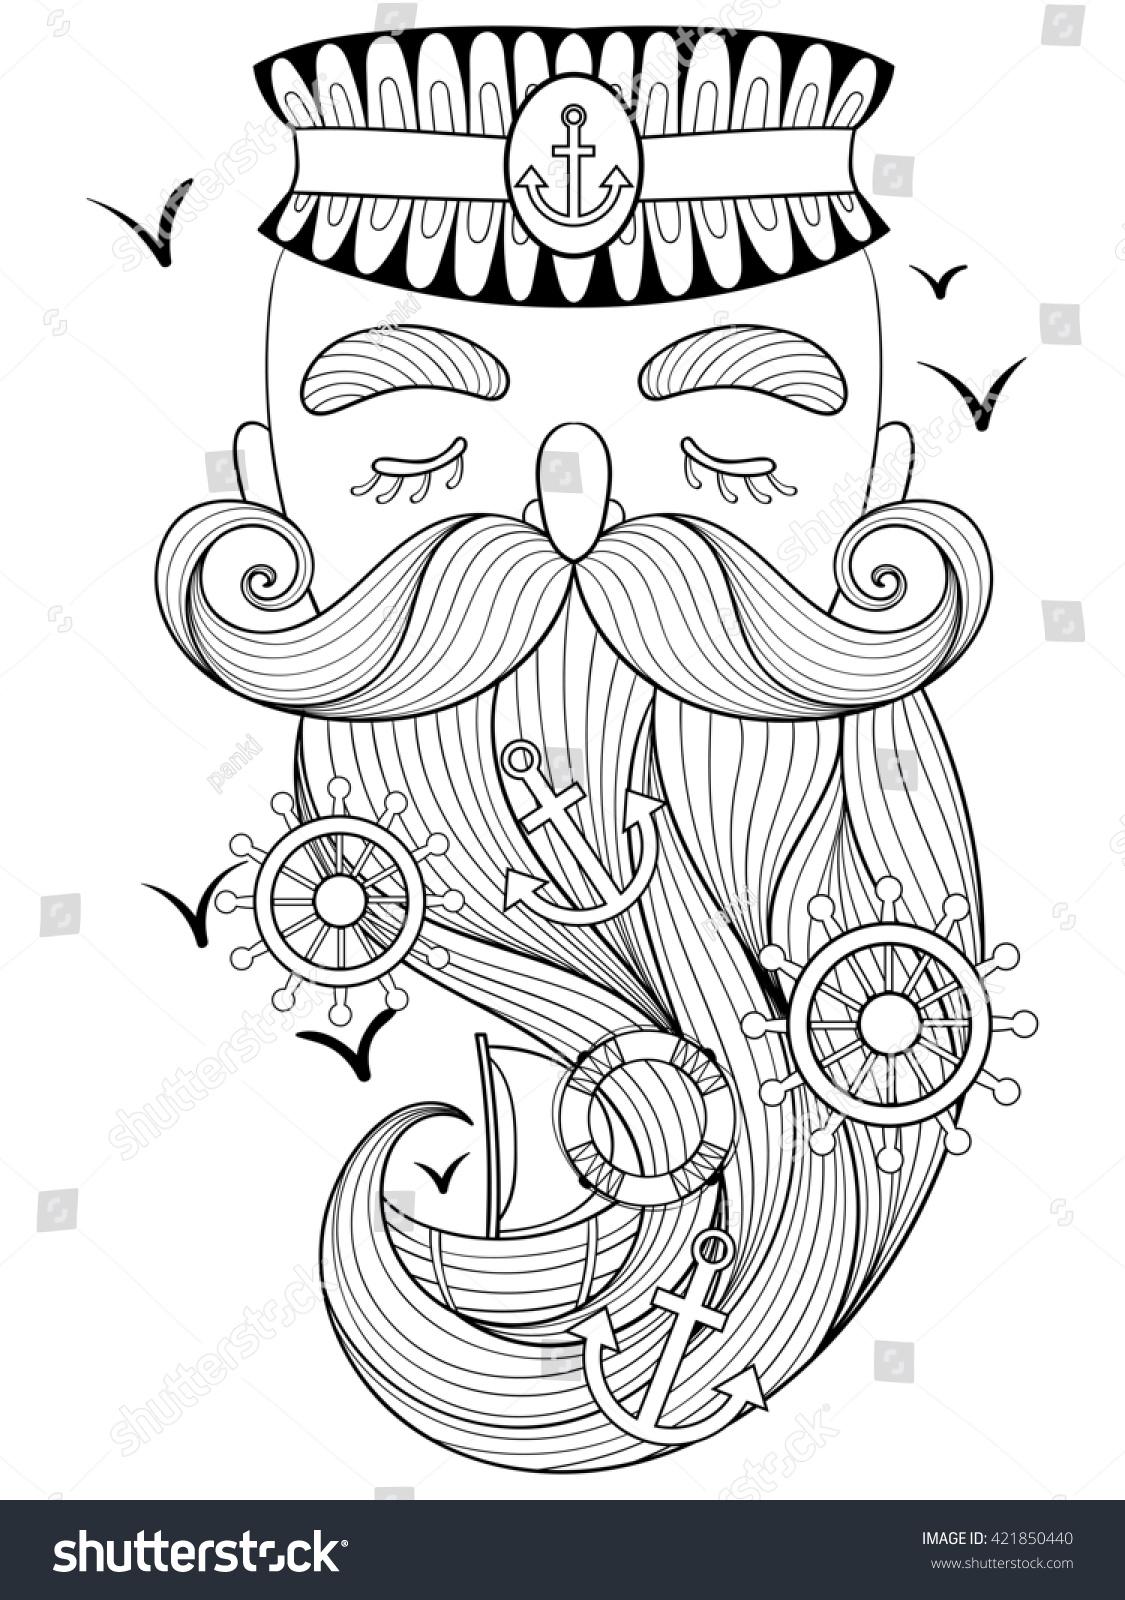 Old Sailor Illustration Captain Fisherman Seadog Stock Illustration ...